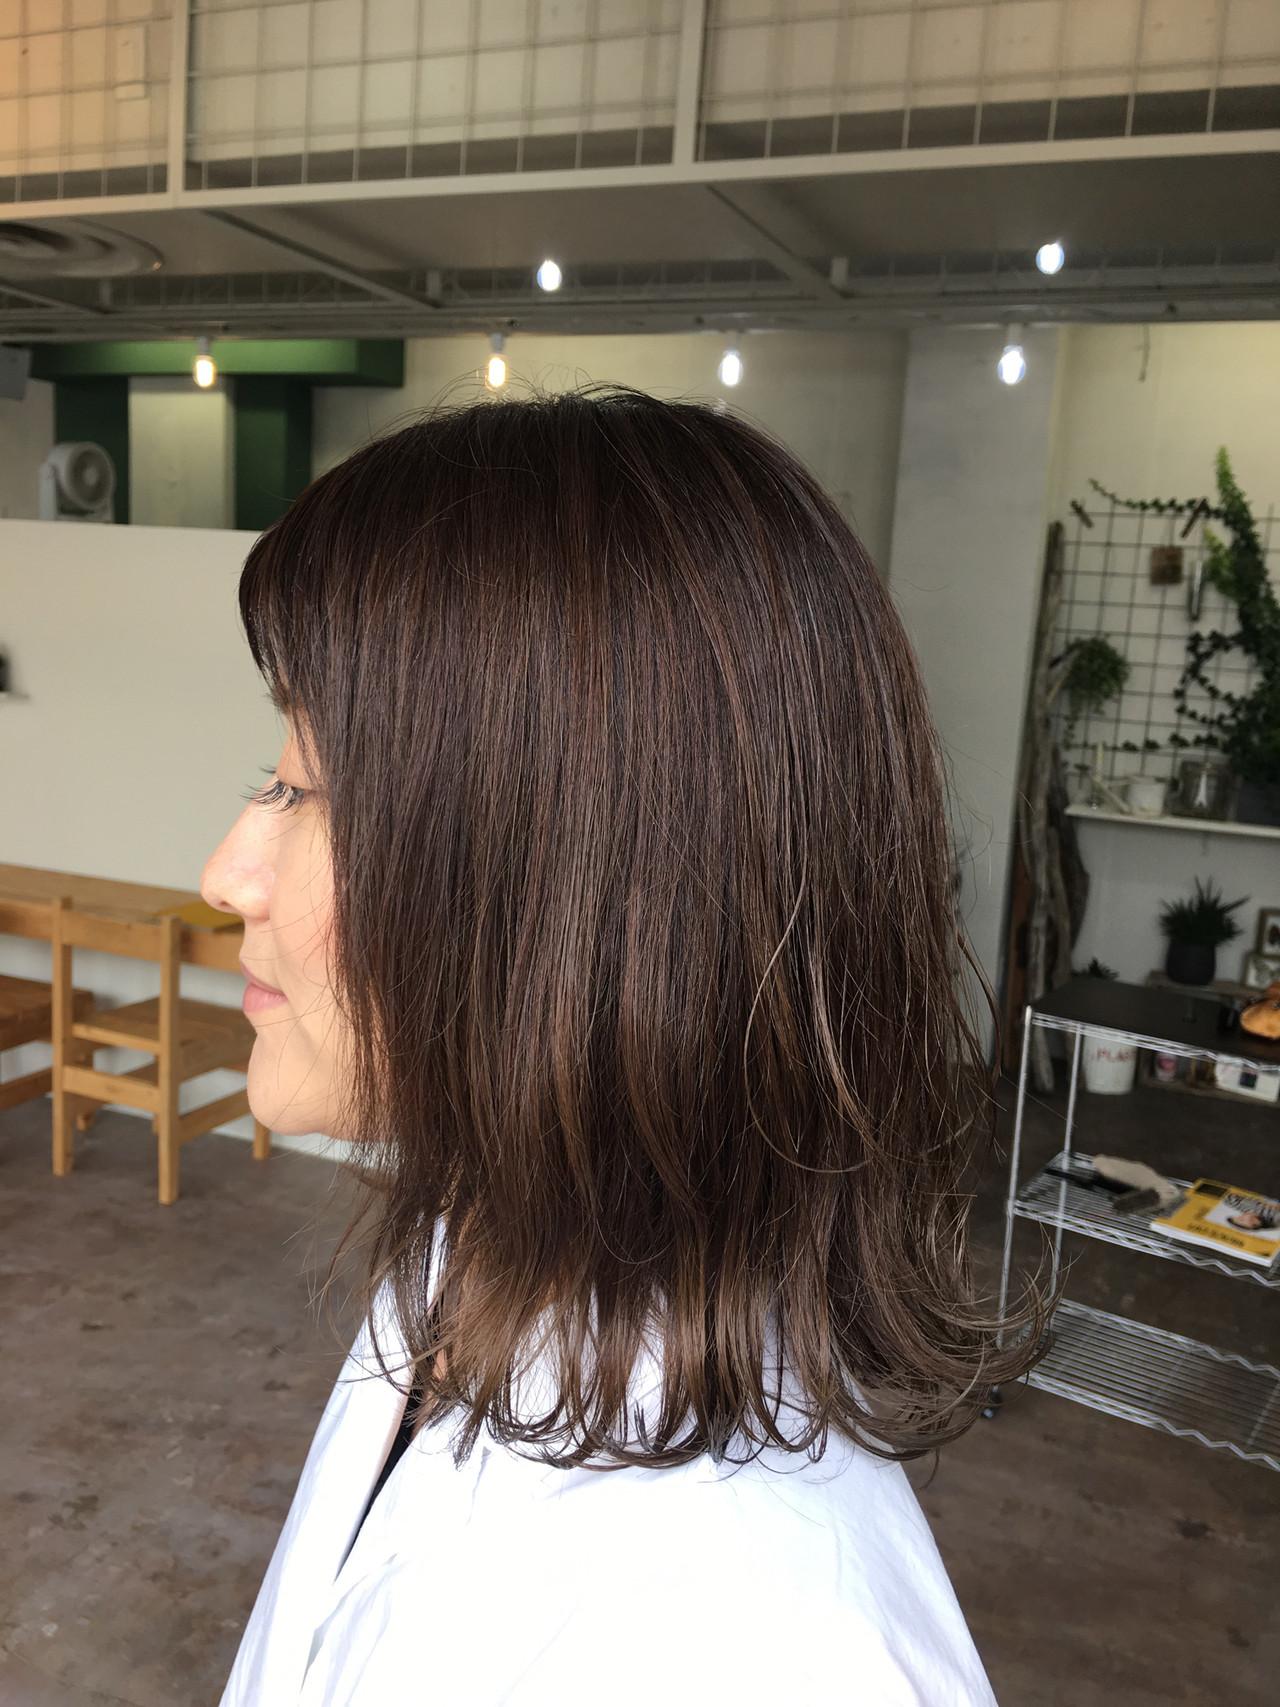 ナチュラル ミディアム オフィス アッシュ ヘアスタイルや髪型の写真・画像 | 岩垂 和枝 / hair make design paf